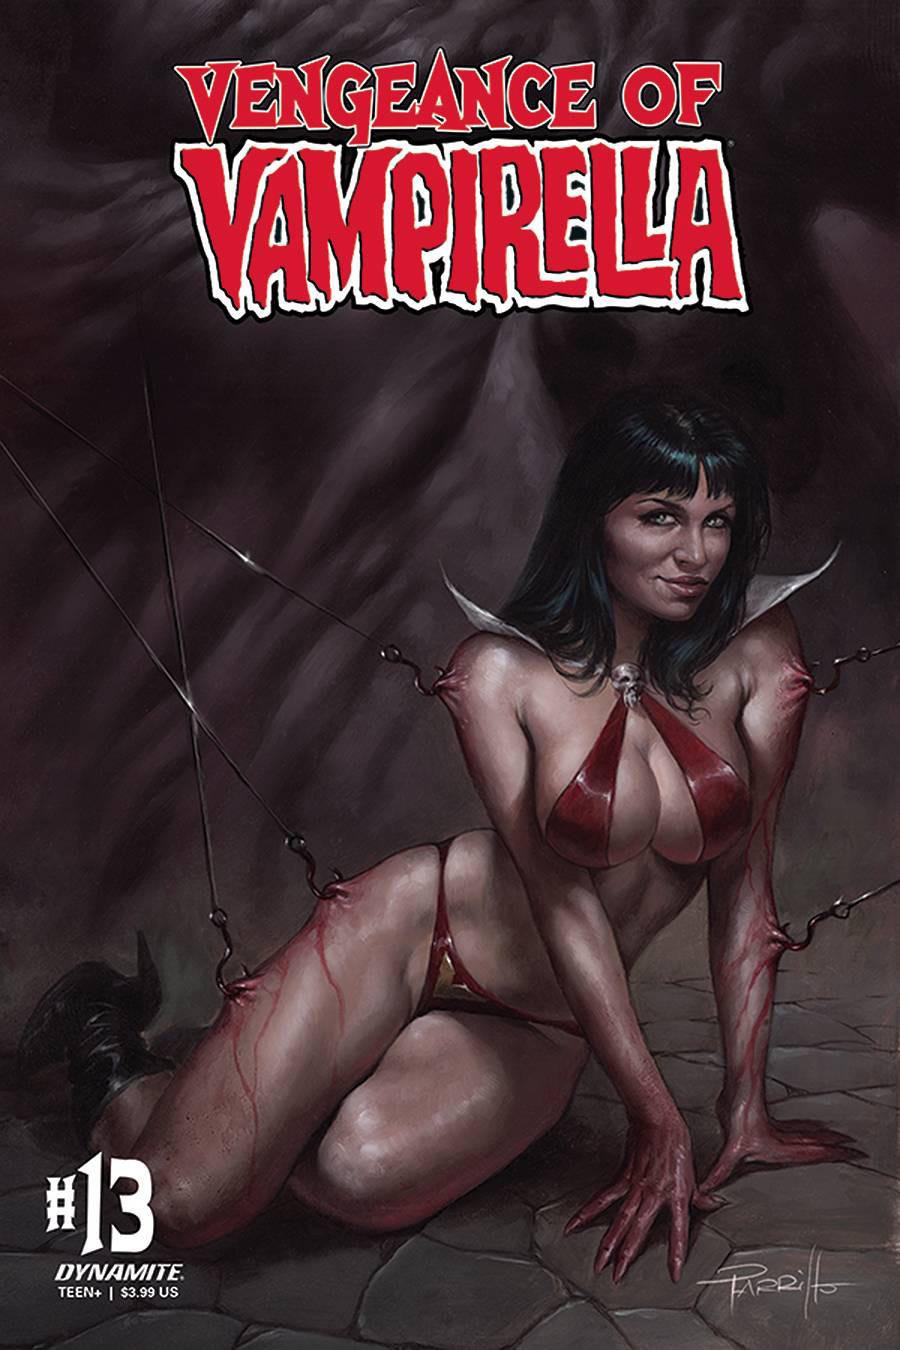 Vengeance Of Vampirella Vol 2 #13 Cover A Regular Lucio Parrillo Cover